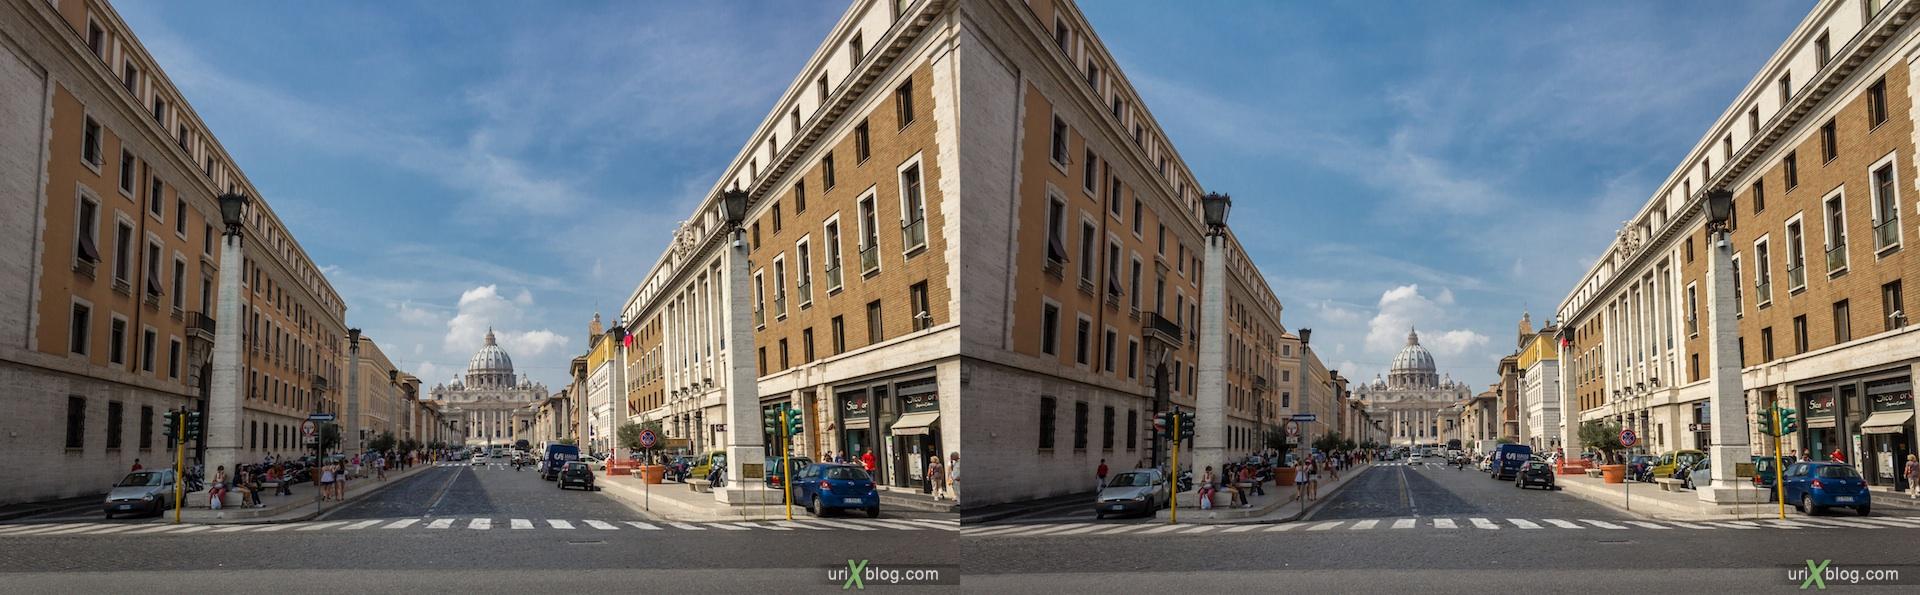 2012, Ватикан, Рим, Италия, 3D, перекрёстные стереопары, стерео, стереопара, стереопары